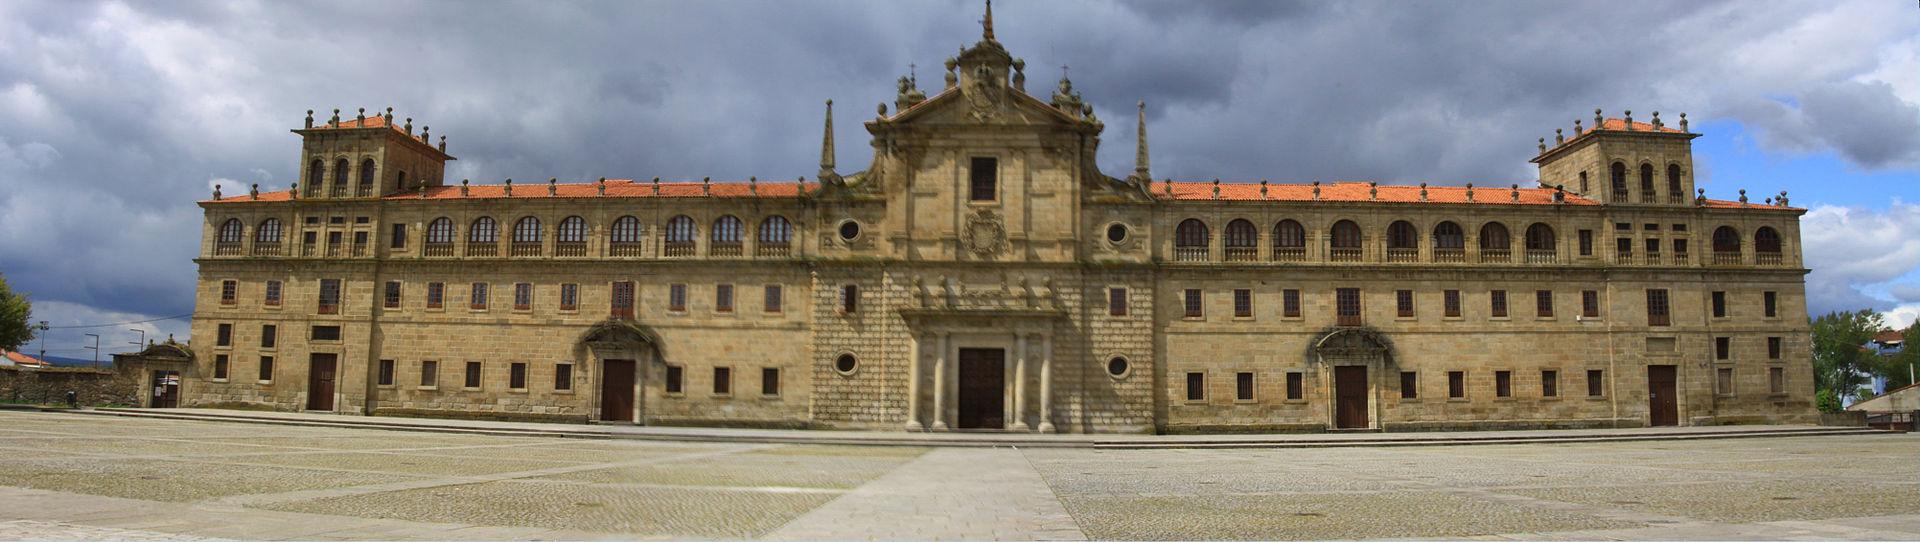 Considérase unha peza singular do Renacemento xesuítico en Galicia